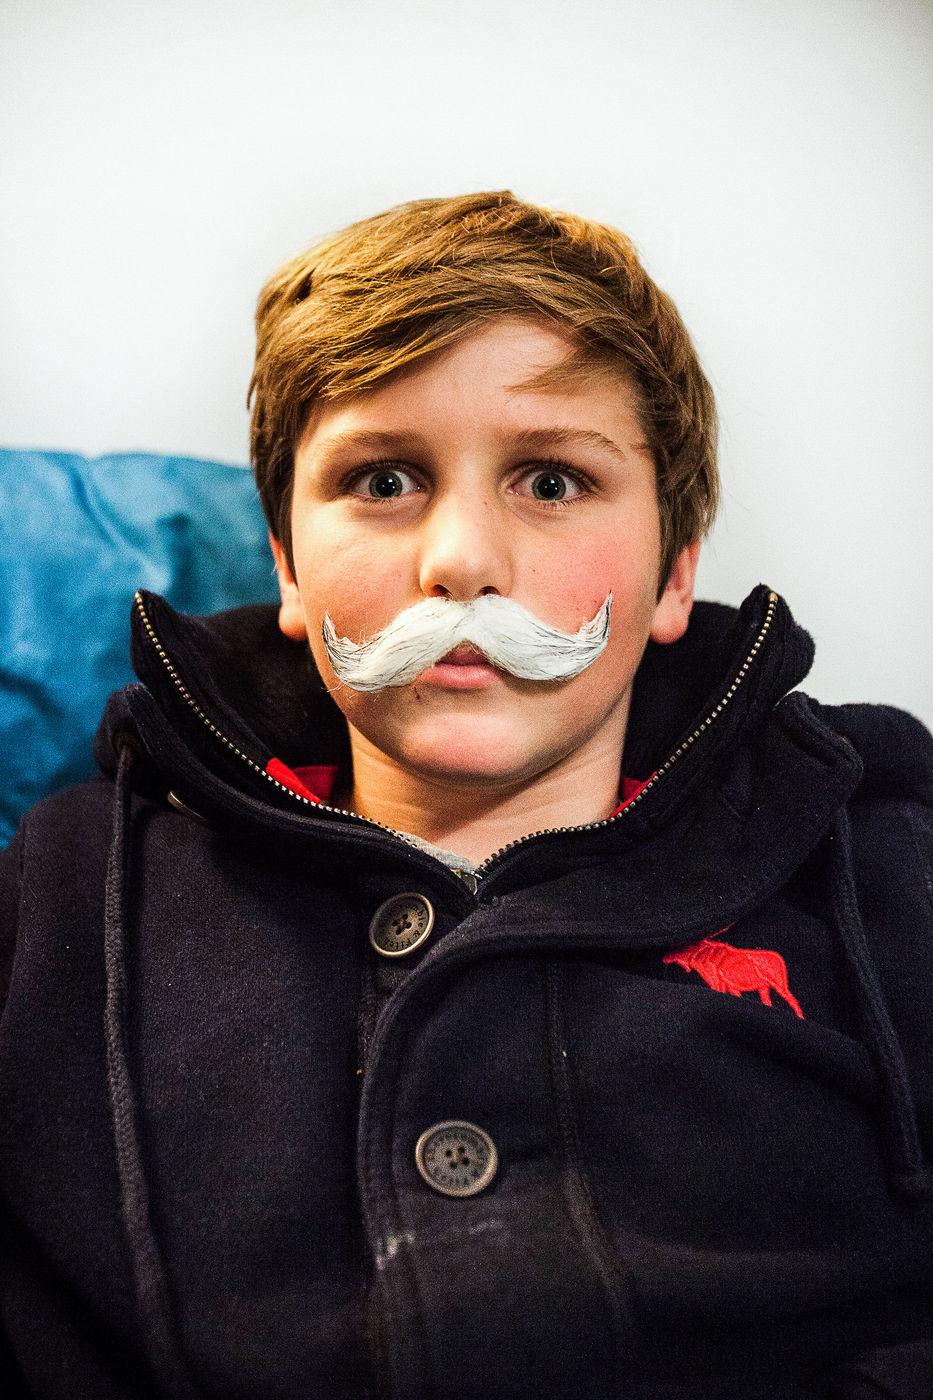 Garçon avec une fausse moustache.